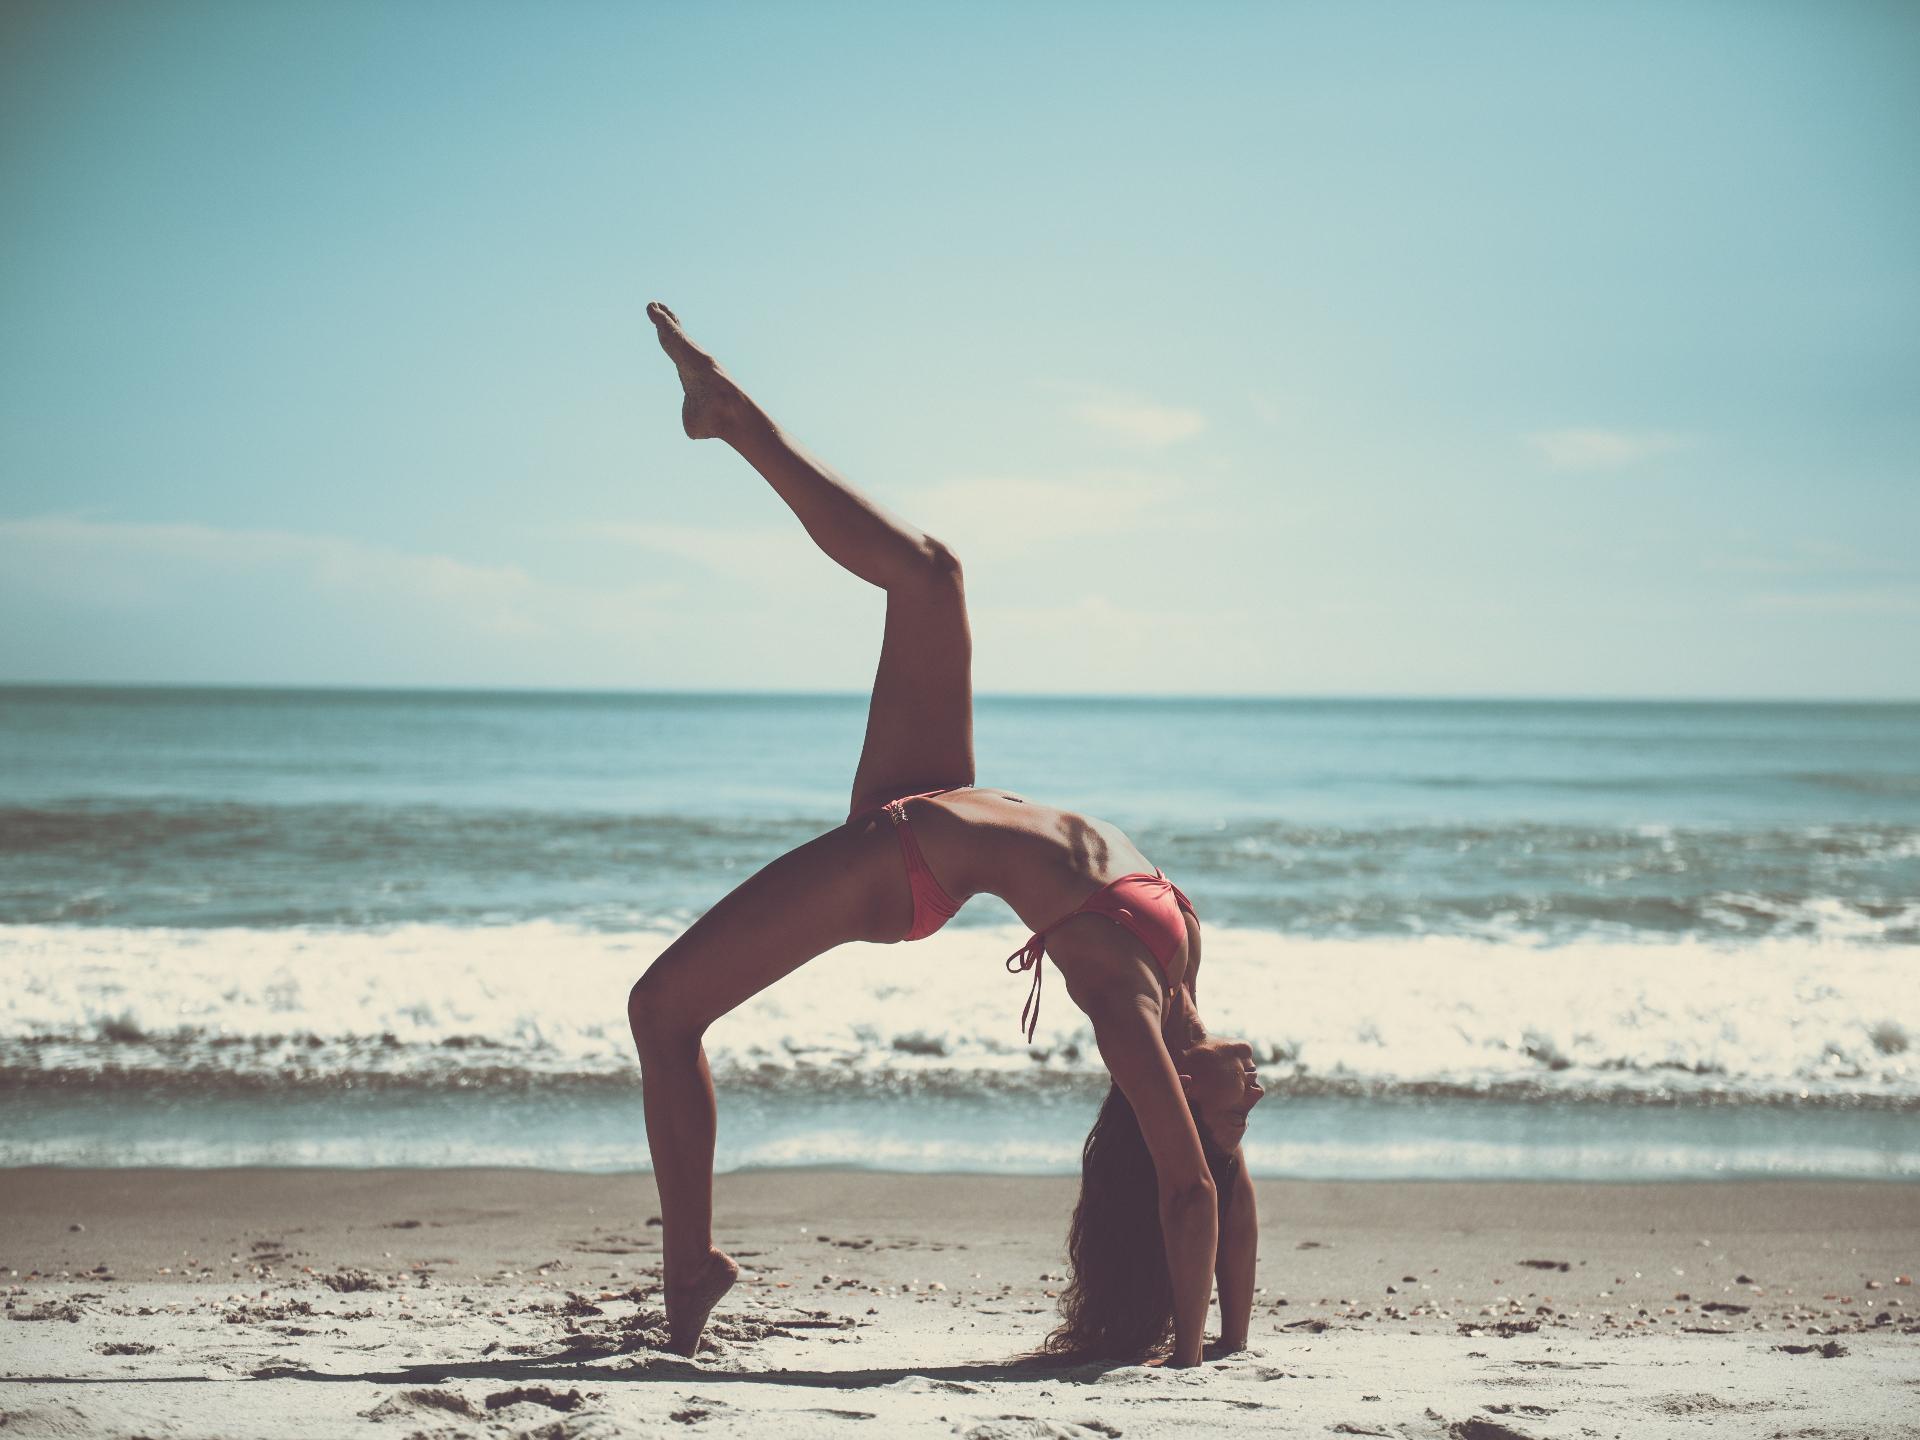 Damit wir wirklich flexibel sein können, und auf unvorhergesehene Situationen reagieren können, bedarf es viel Training. - Photocredit: pixabay.com/Pexels